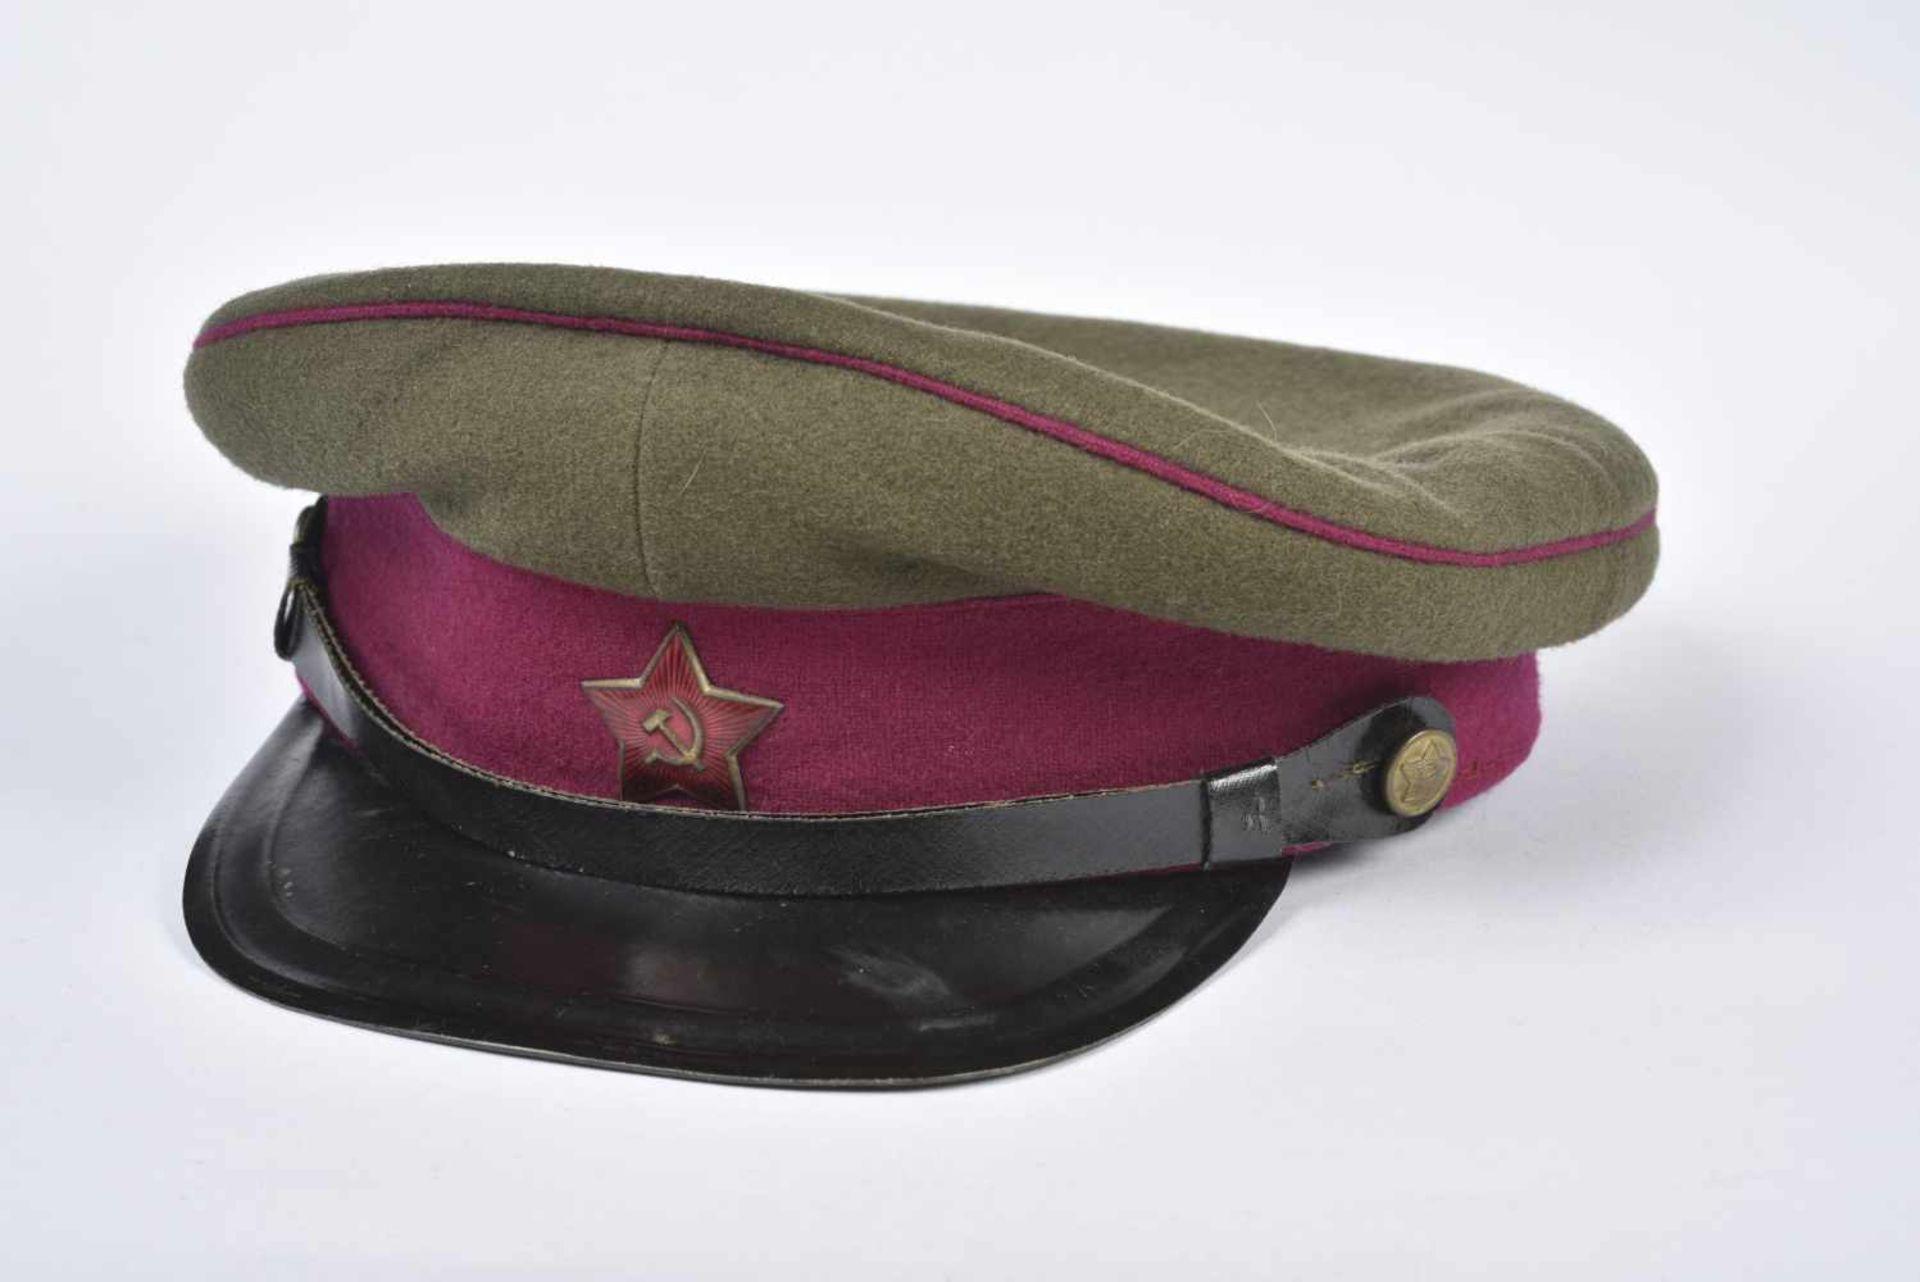 Casquette M.35 Infanterie bandeau et passepoil framboise, taille 57, coiffe souple, datée 1946. M.35